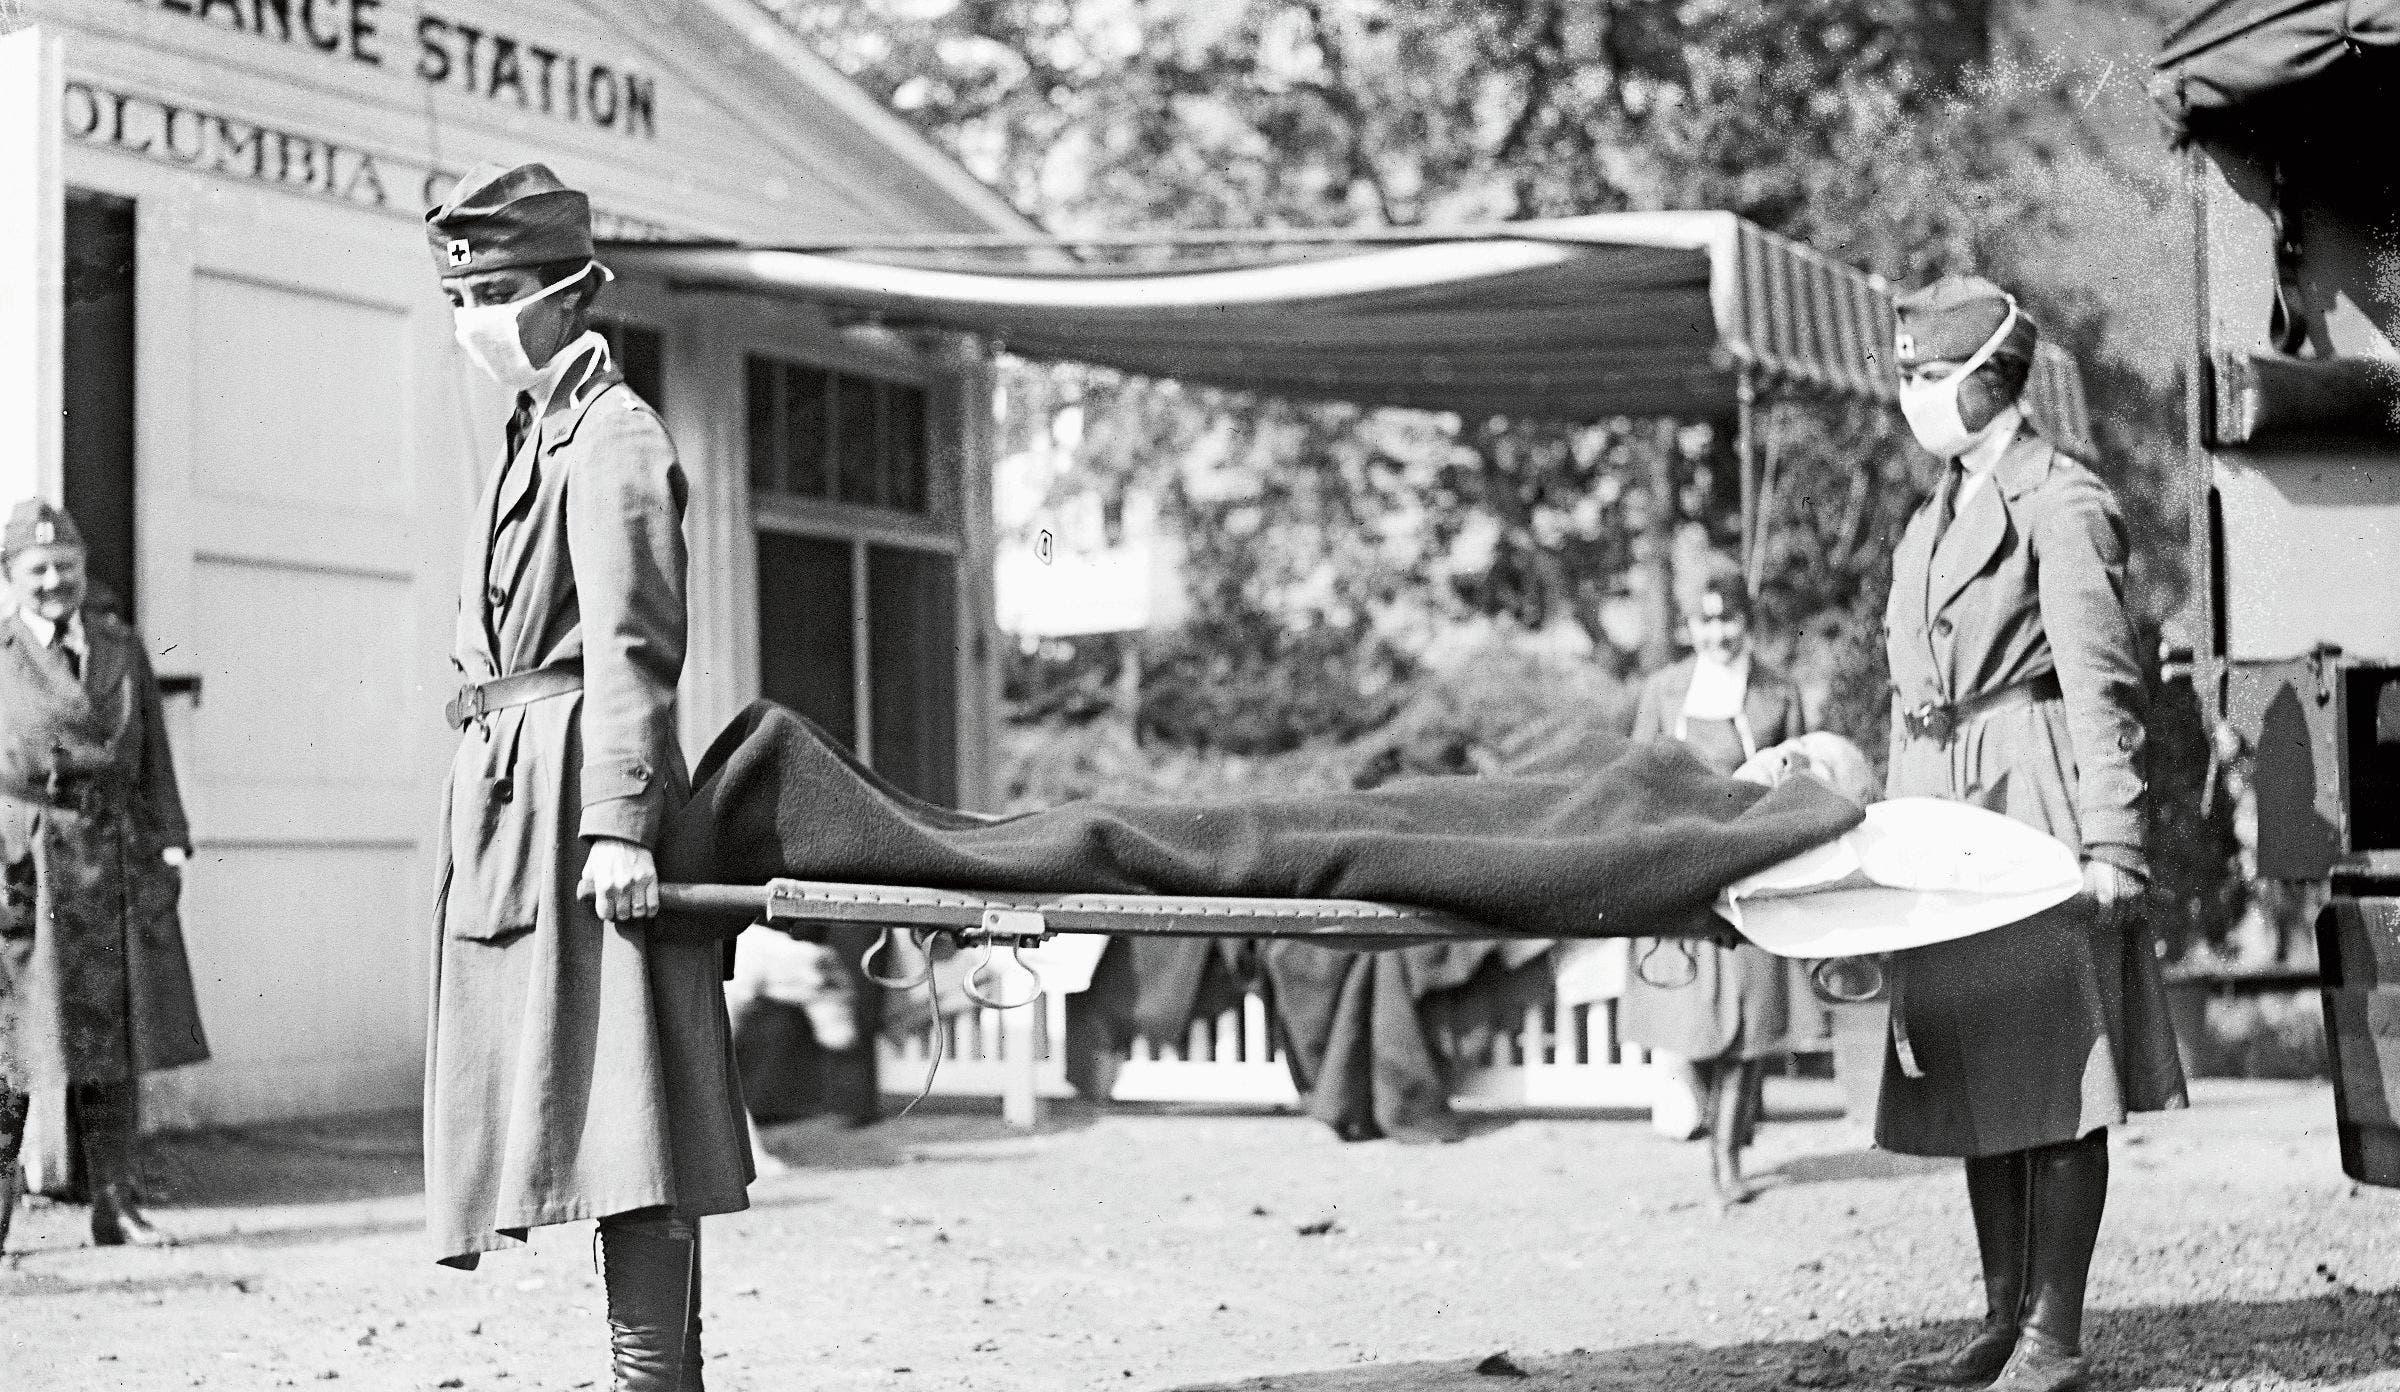 Erkrankte werden 1918 im Walter-Reed-Militärspital in Washington versorgt. (Bild: Bilder: Wikimedia Commons)